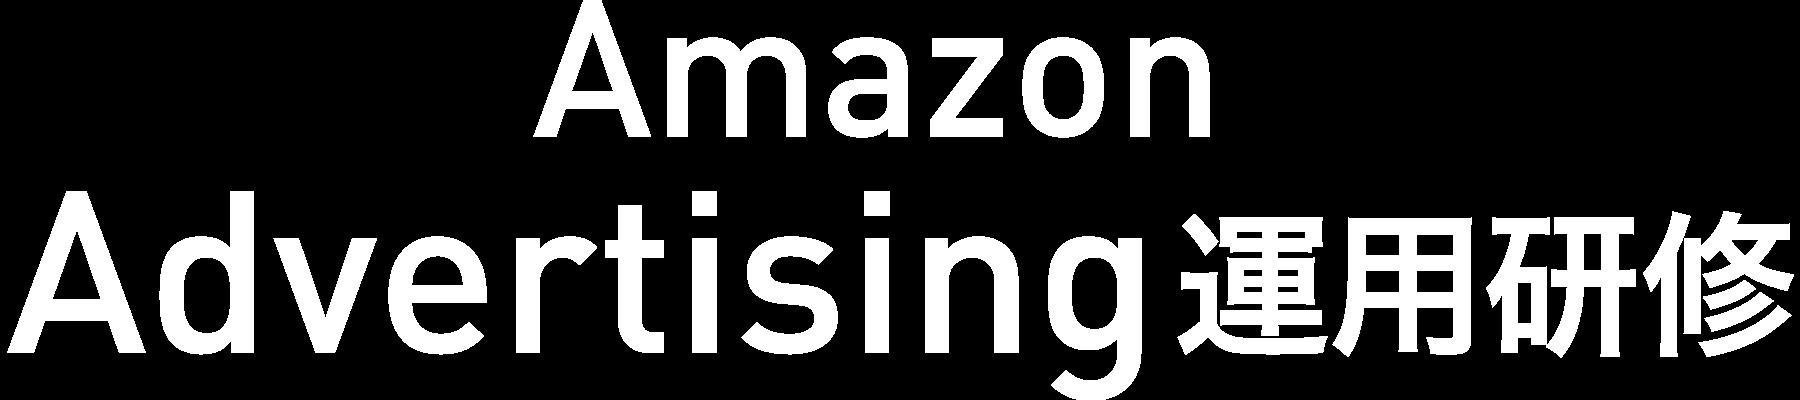 AmazonDSP